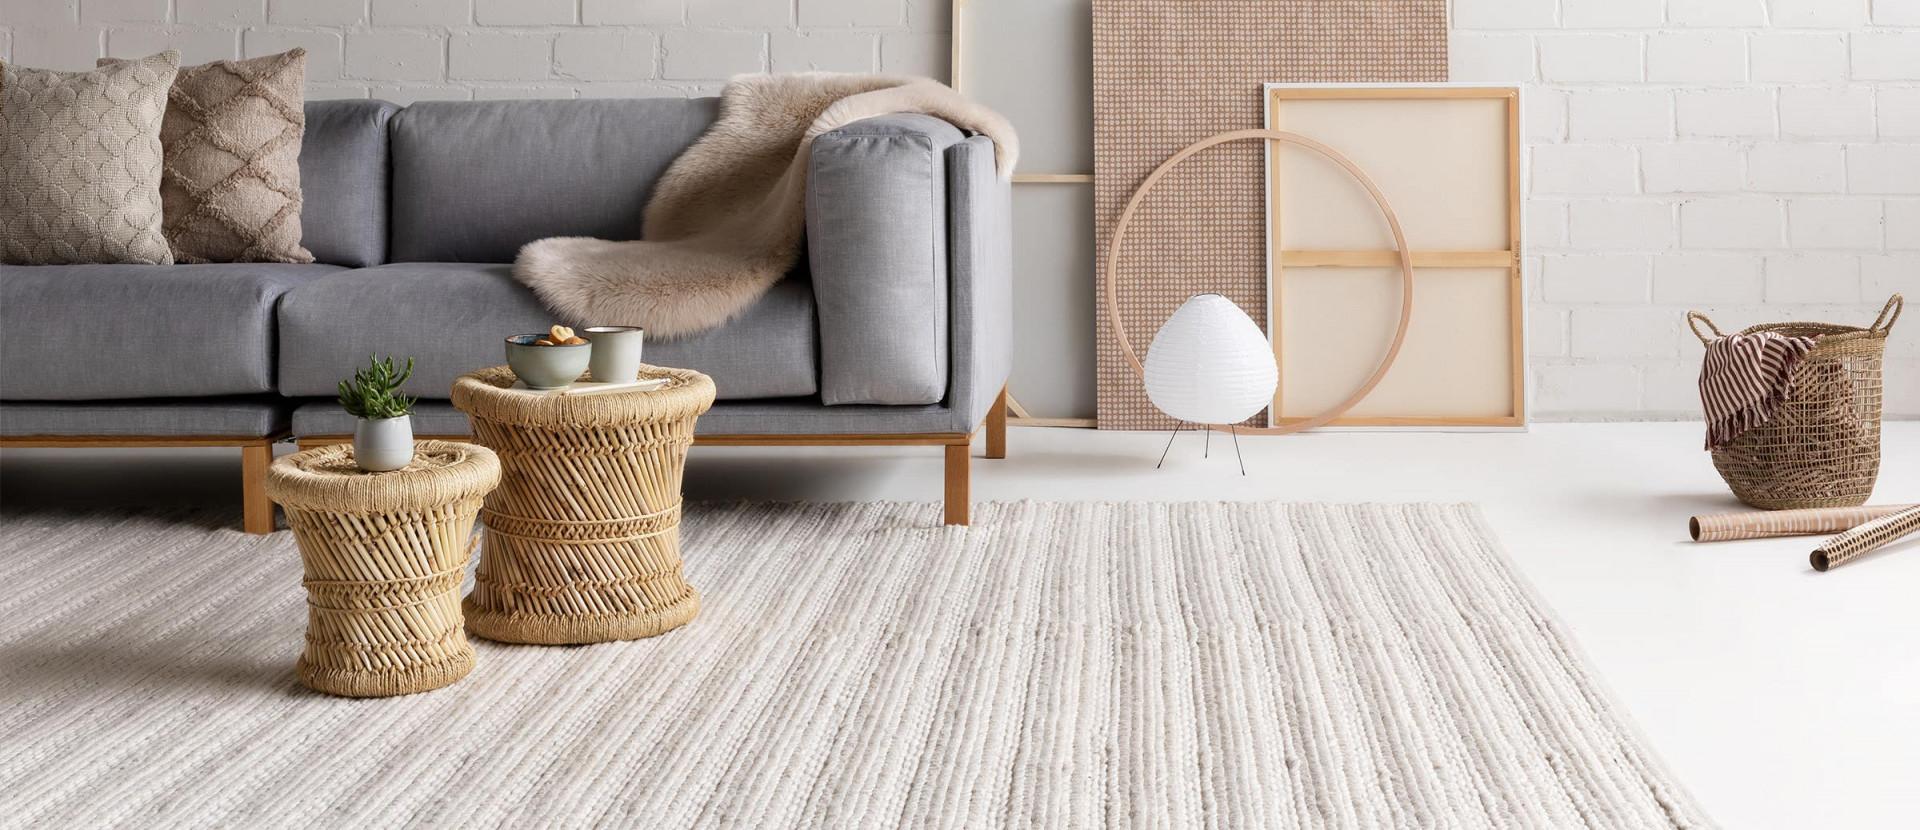 Welcher Teppich Passt Zu Mir  Hilfreiche Tipps von Wohnzimmer Teppich Hell Photo